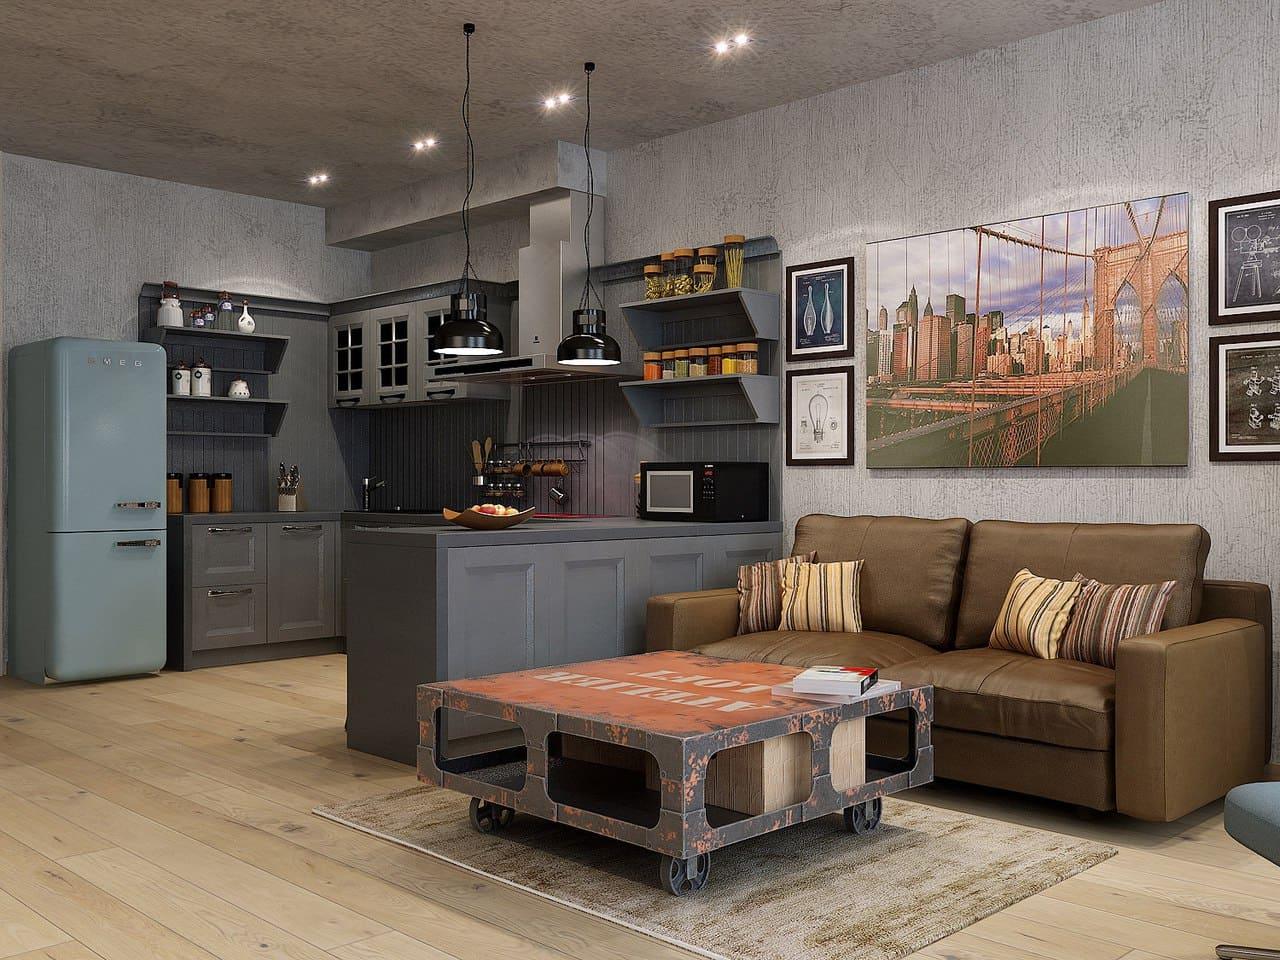 оформление кухни-гостиной в стиле лофт